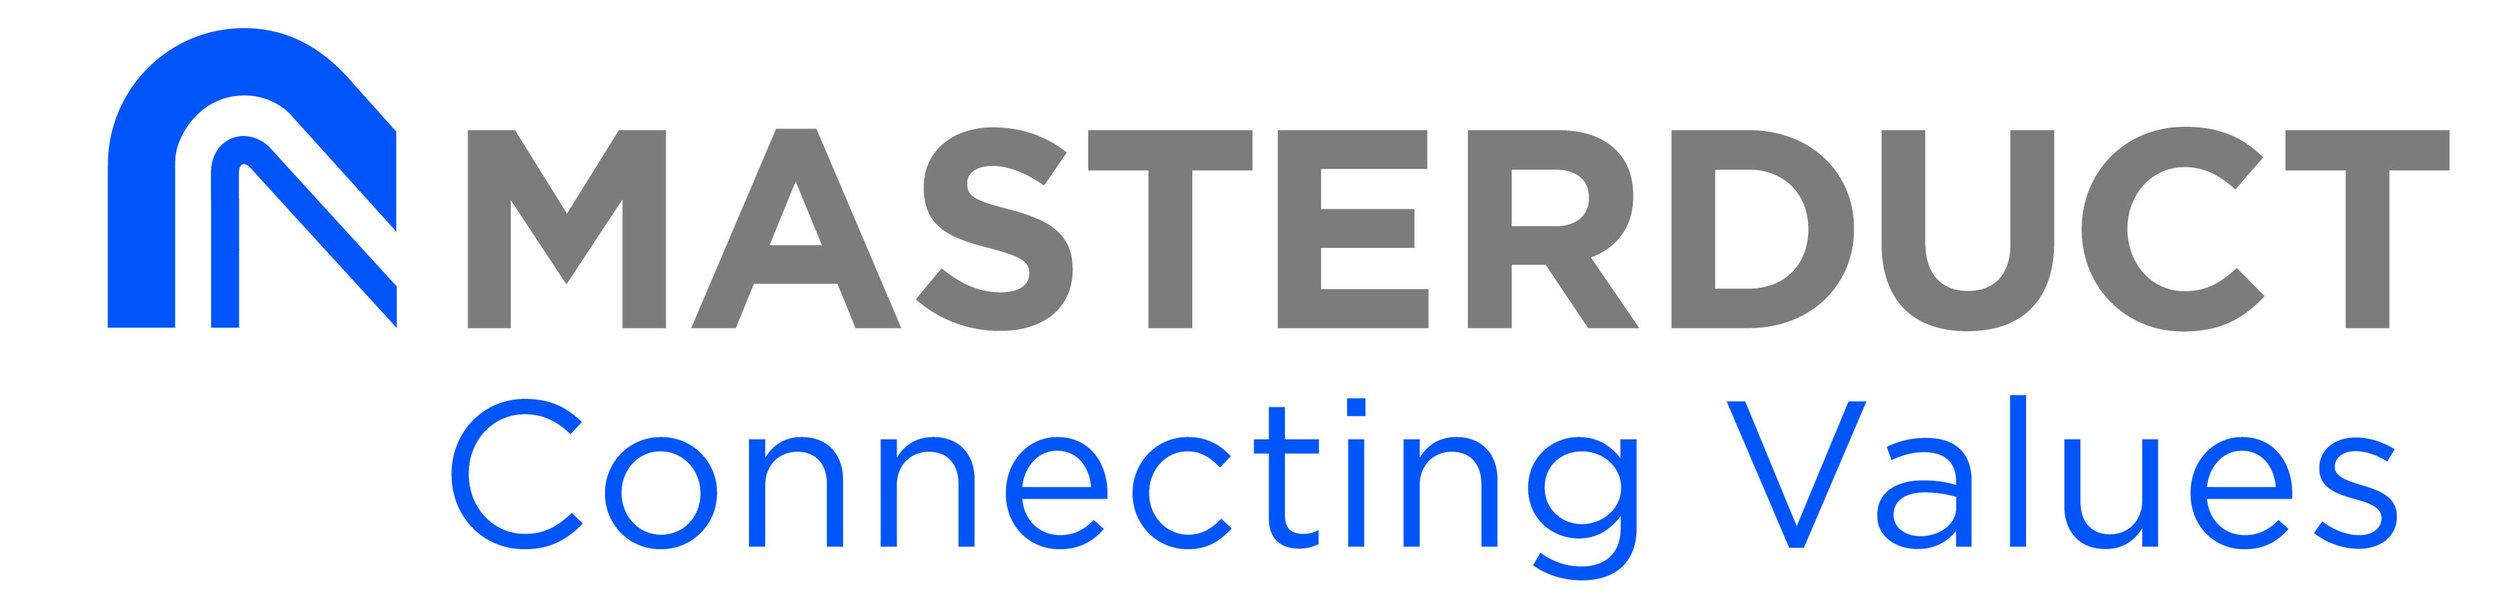 masterduct.jpg